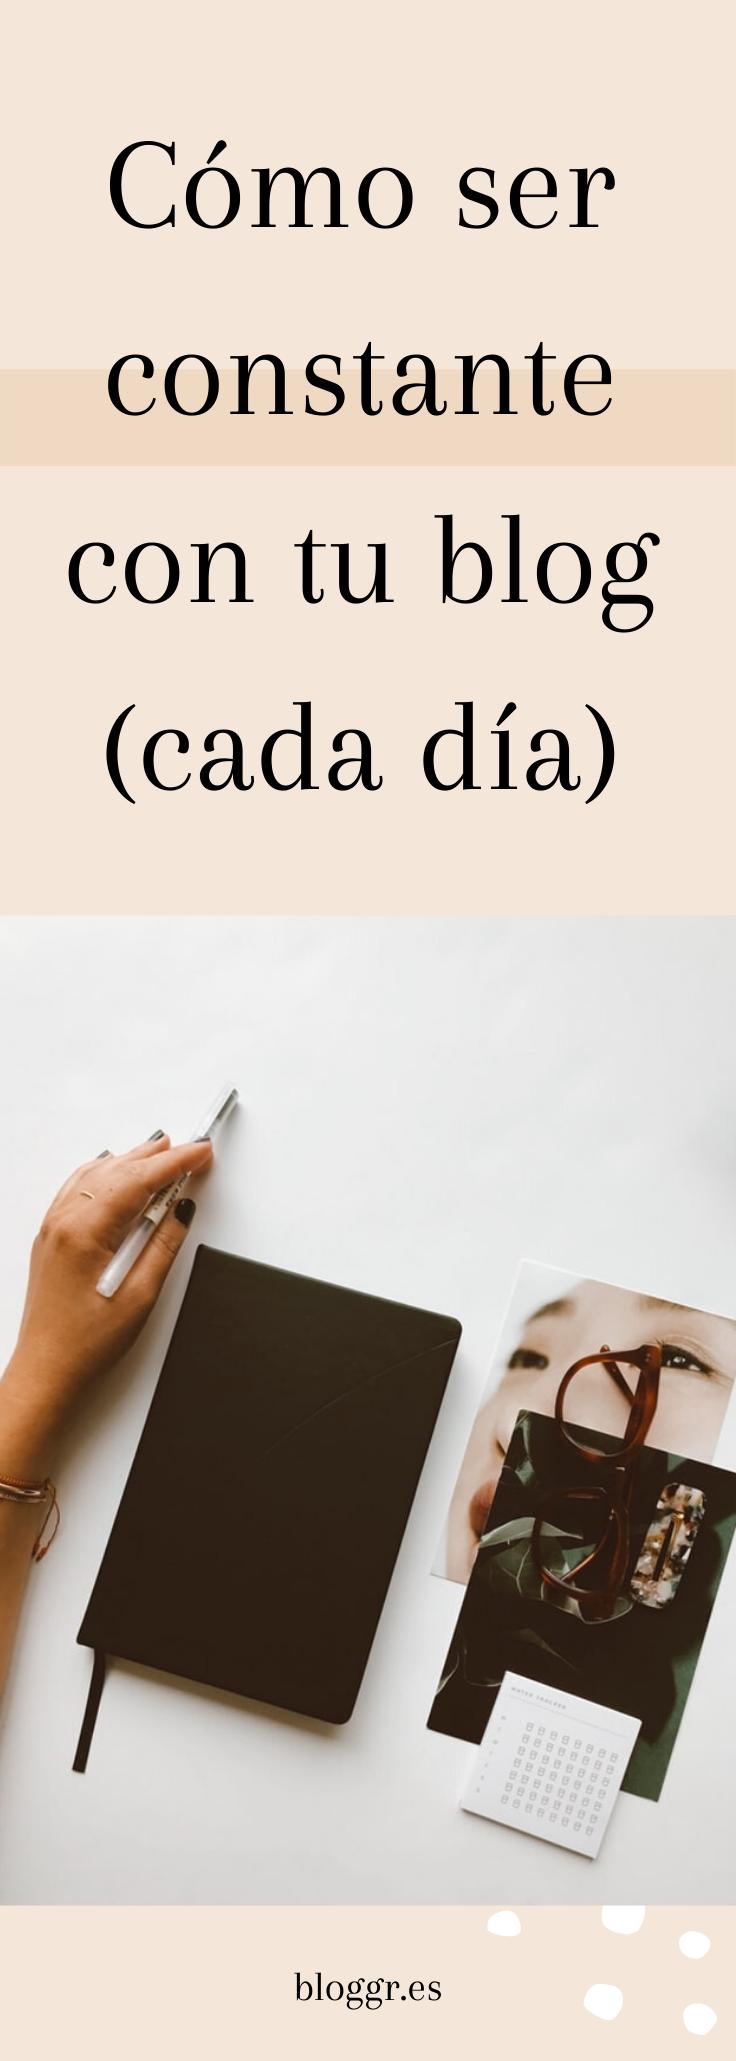 Como Ser Constante Con Tu Blog Cada Dia Blog Calendario Gratis Cursillo